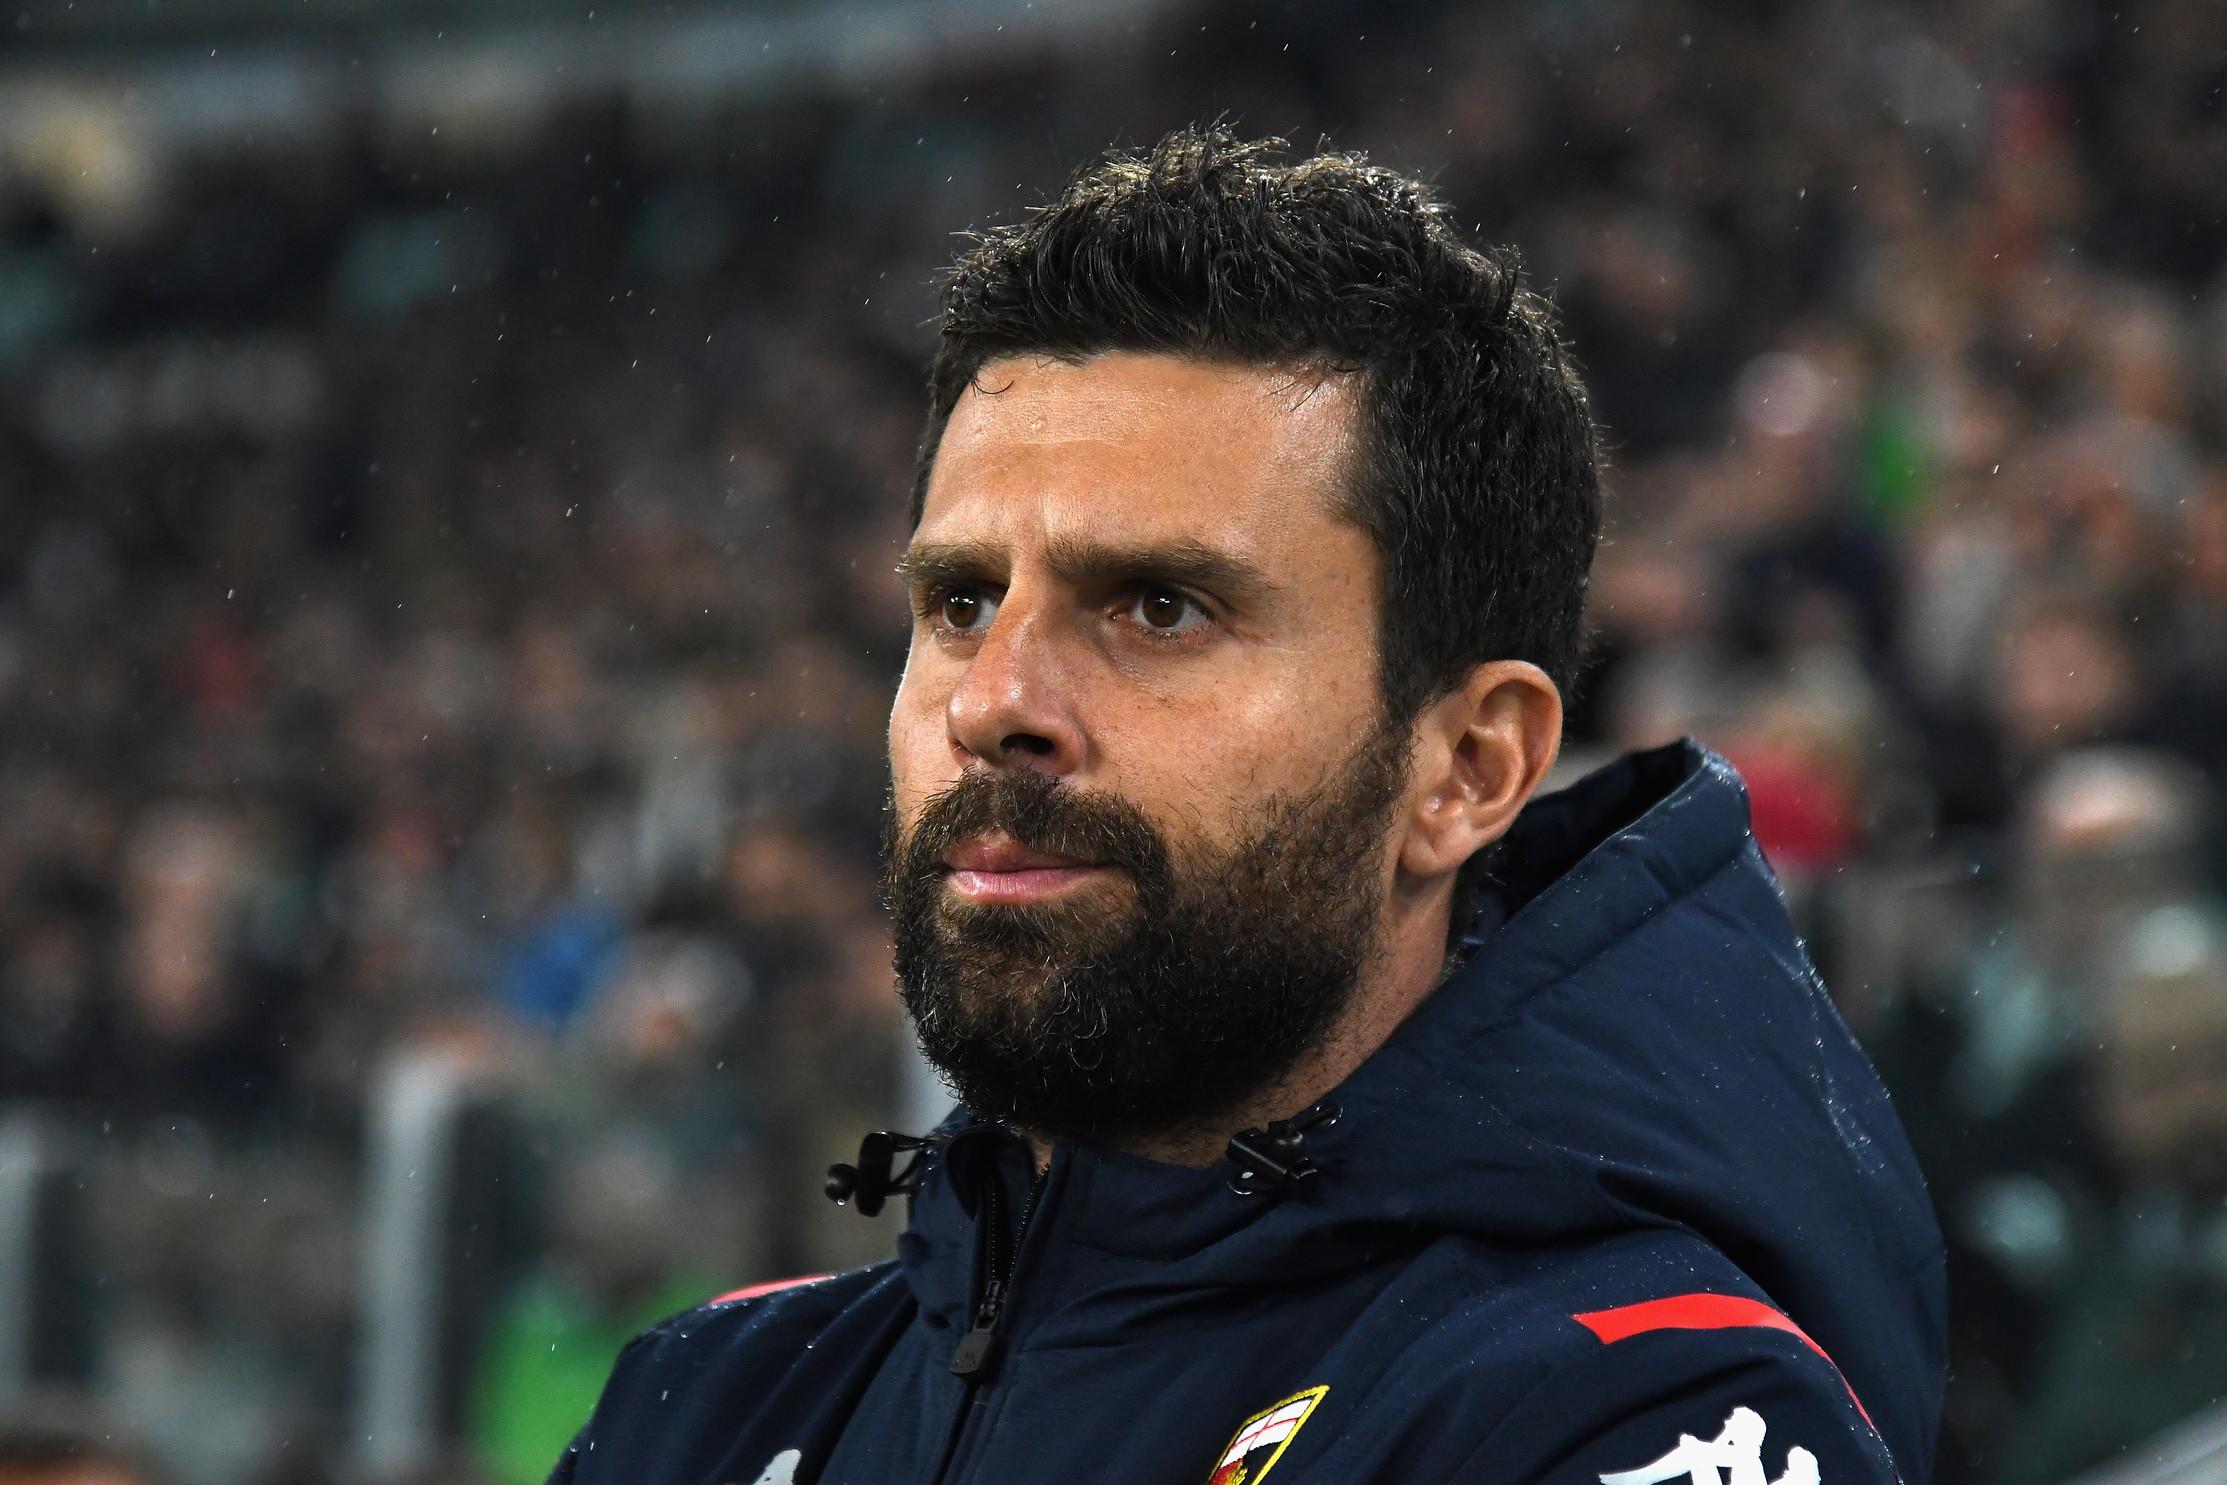 """Allo Stadiumi bianconeri superano la loro """"bestia nera"""" con un rigore del portoghese nel recupero"""